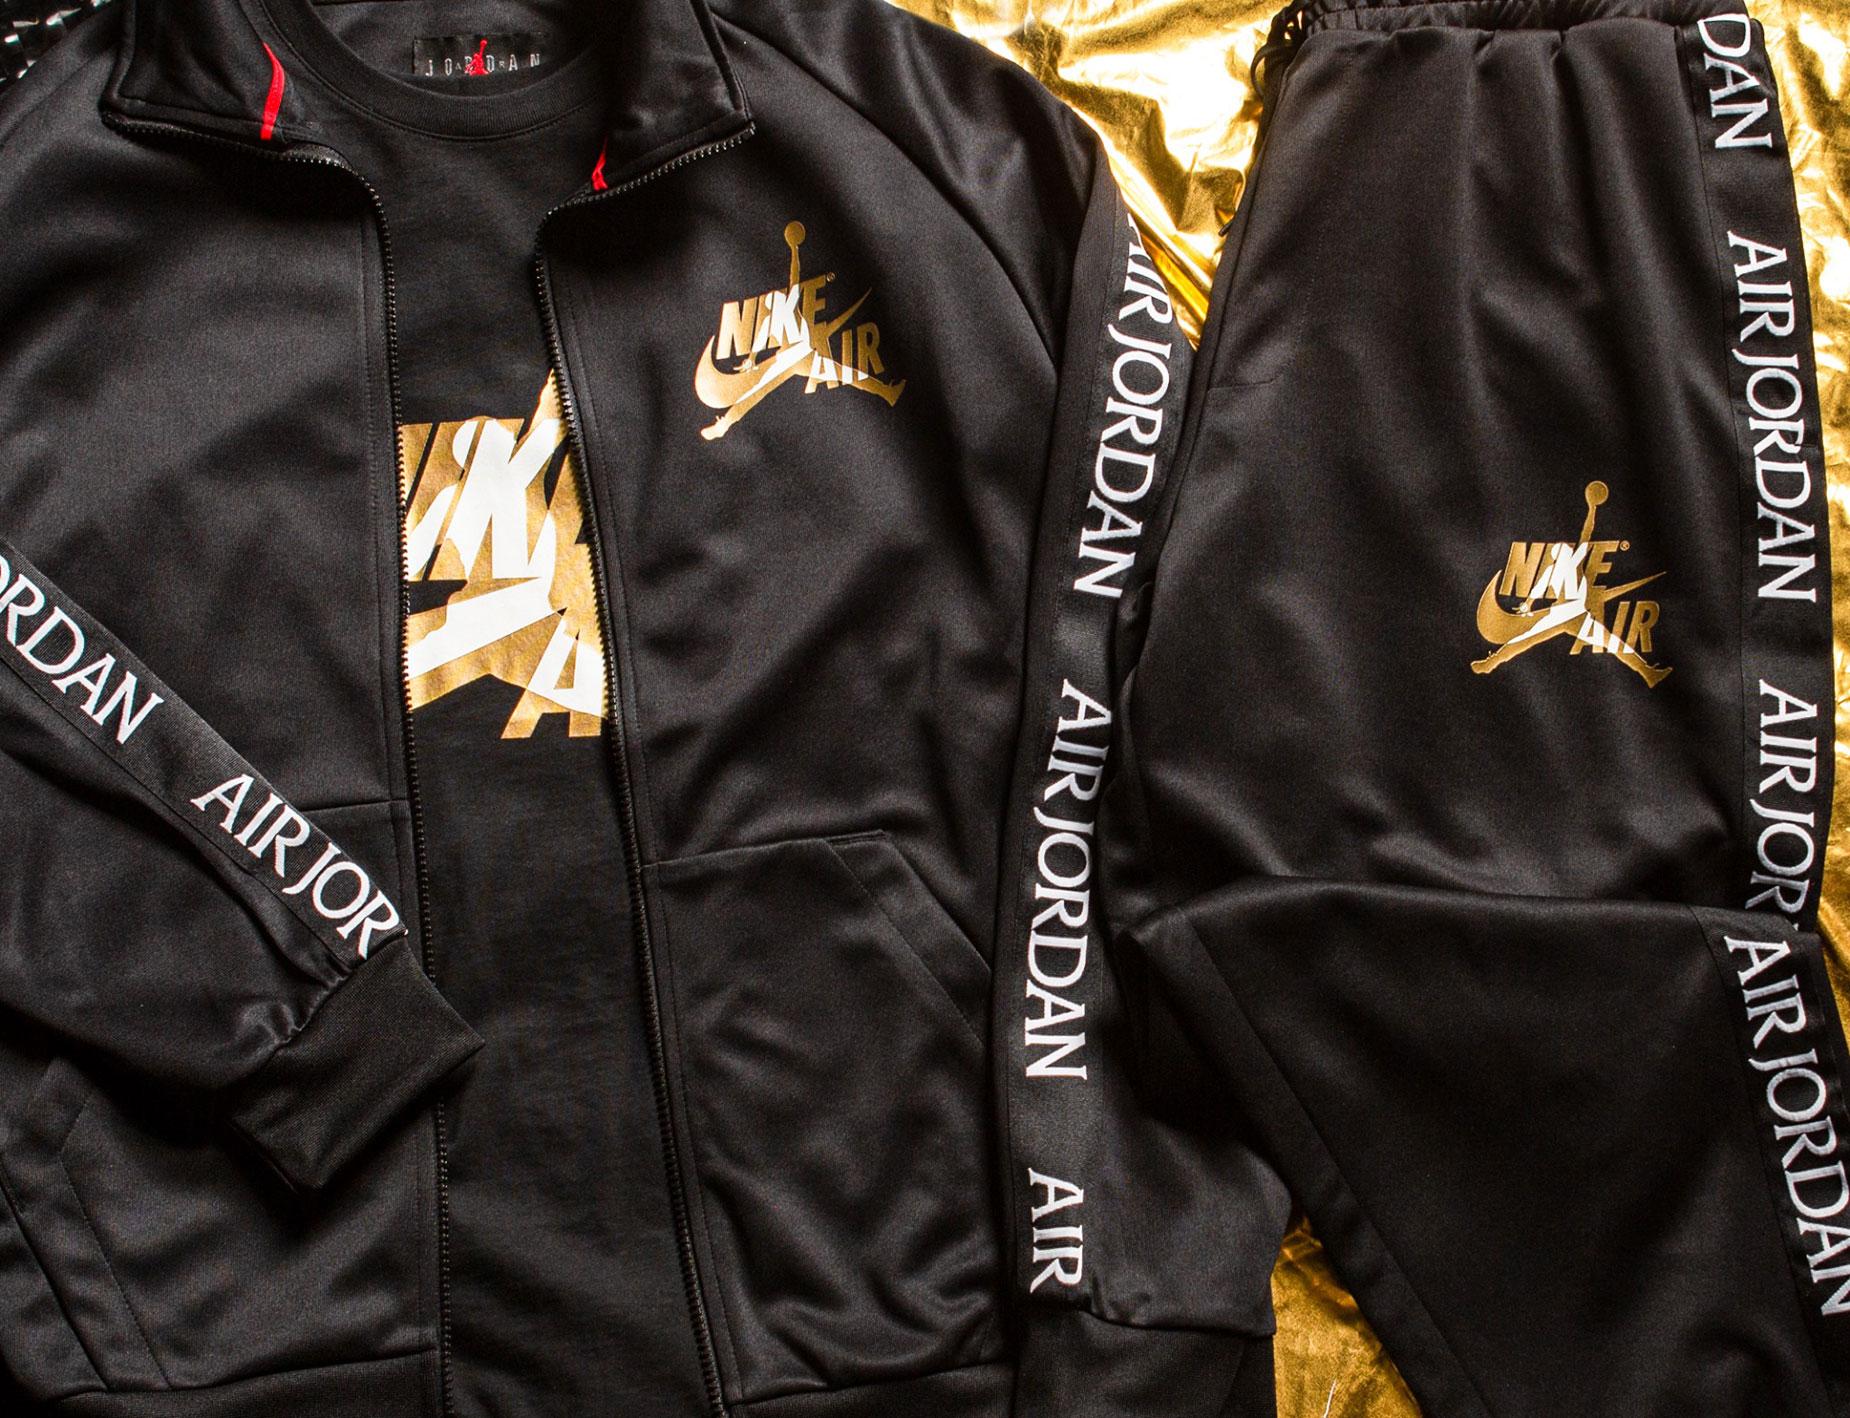 black-friday-2019-sale-jordan-jacket-pants